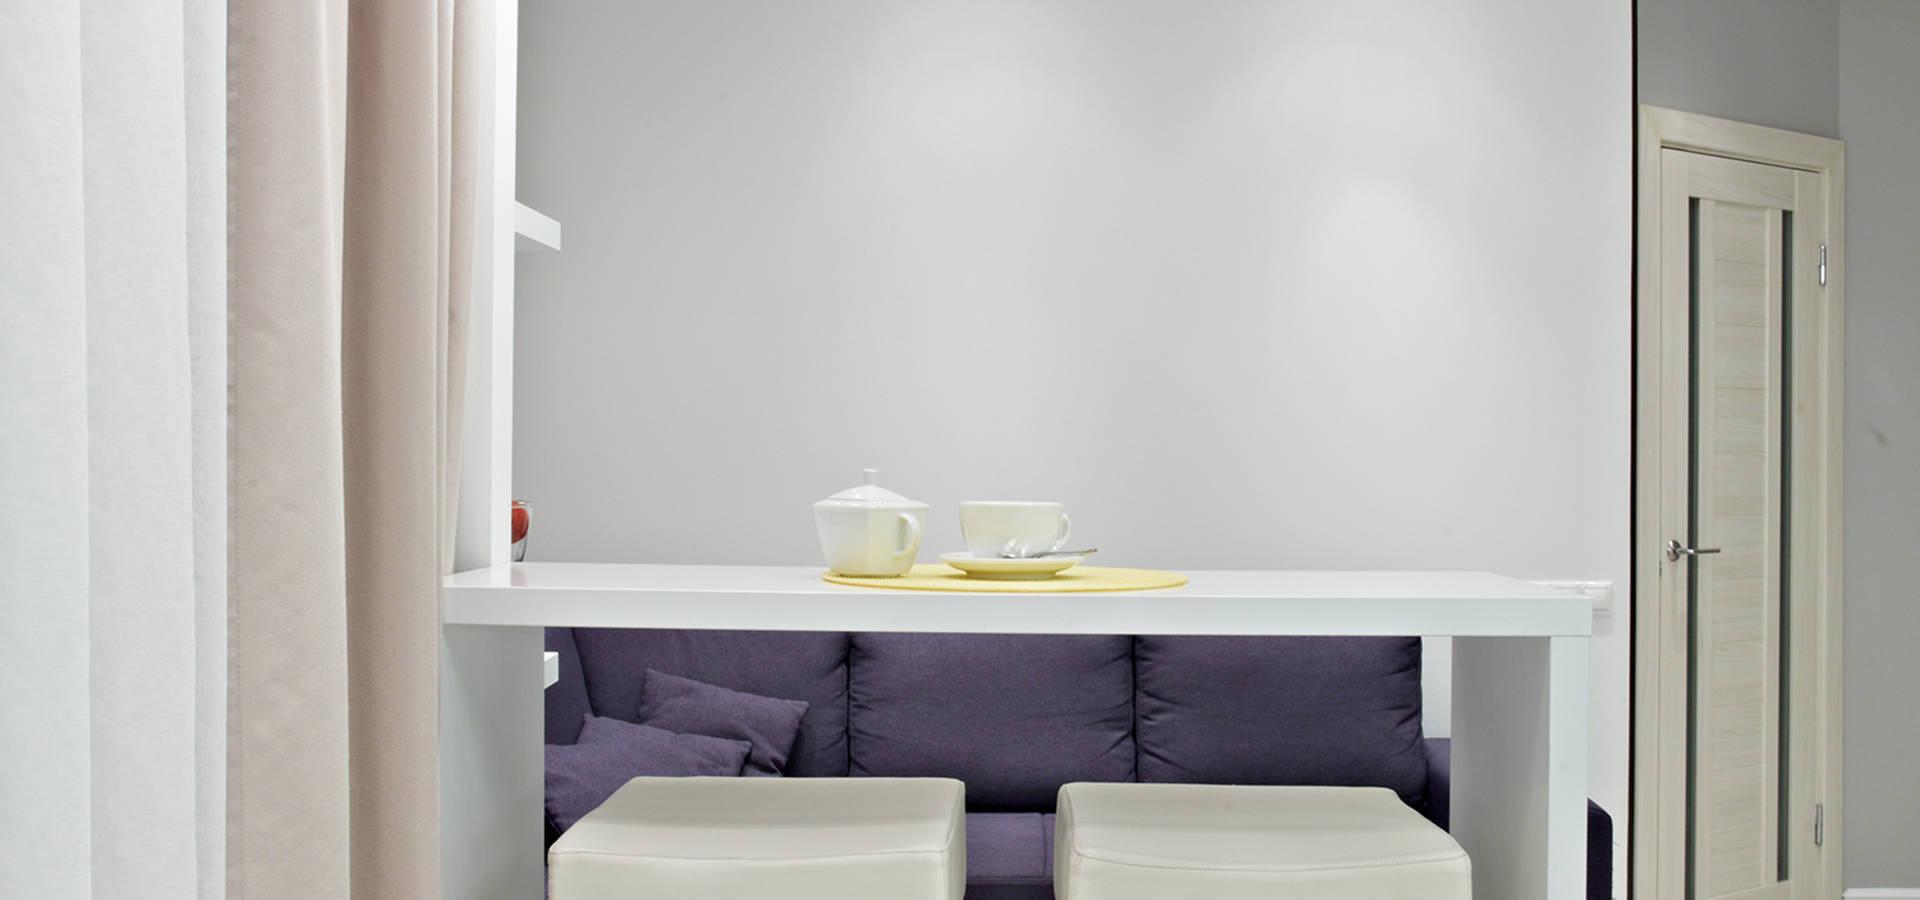 Shop of the interiors, design studio